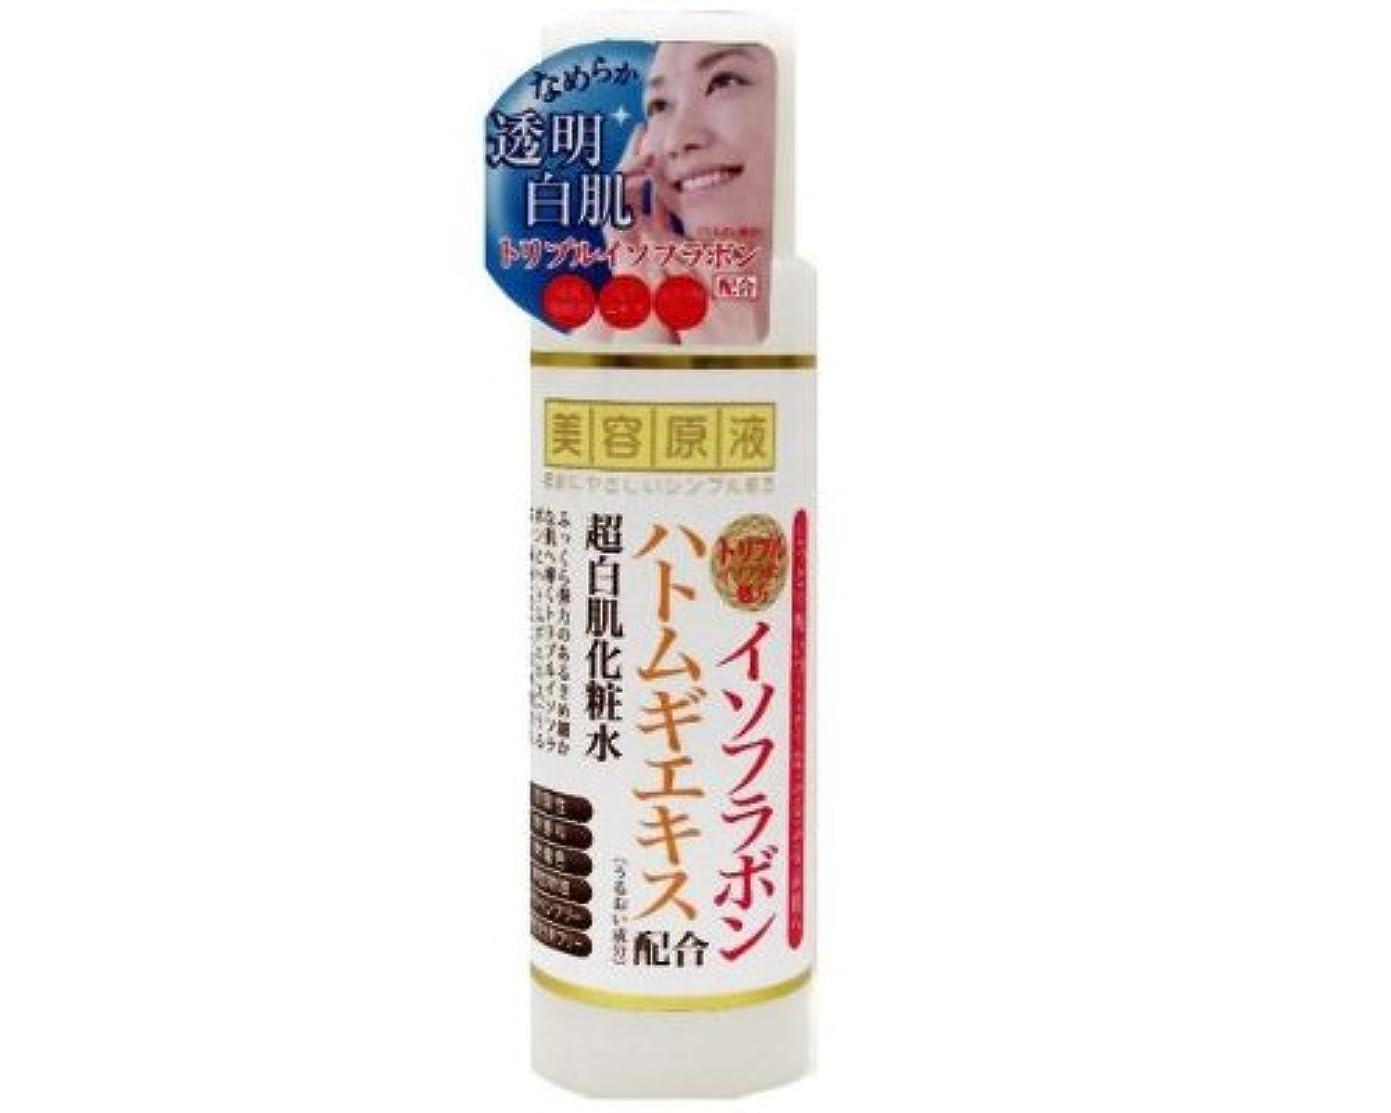 安定させるラブ美容原液 イソフラボンとハトムギの化粧水